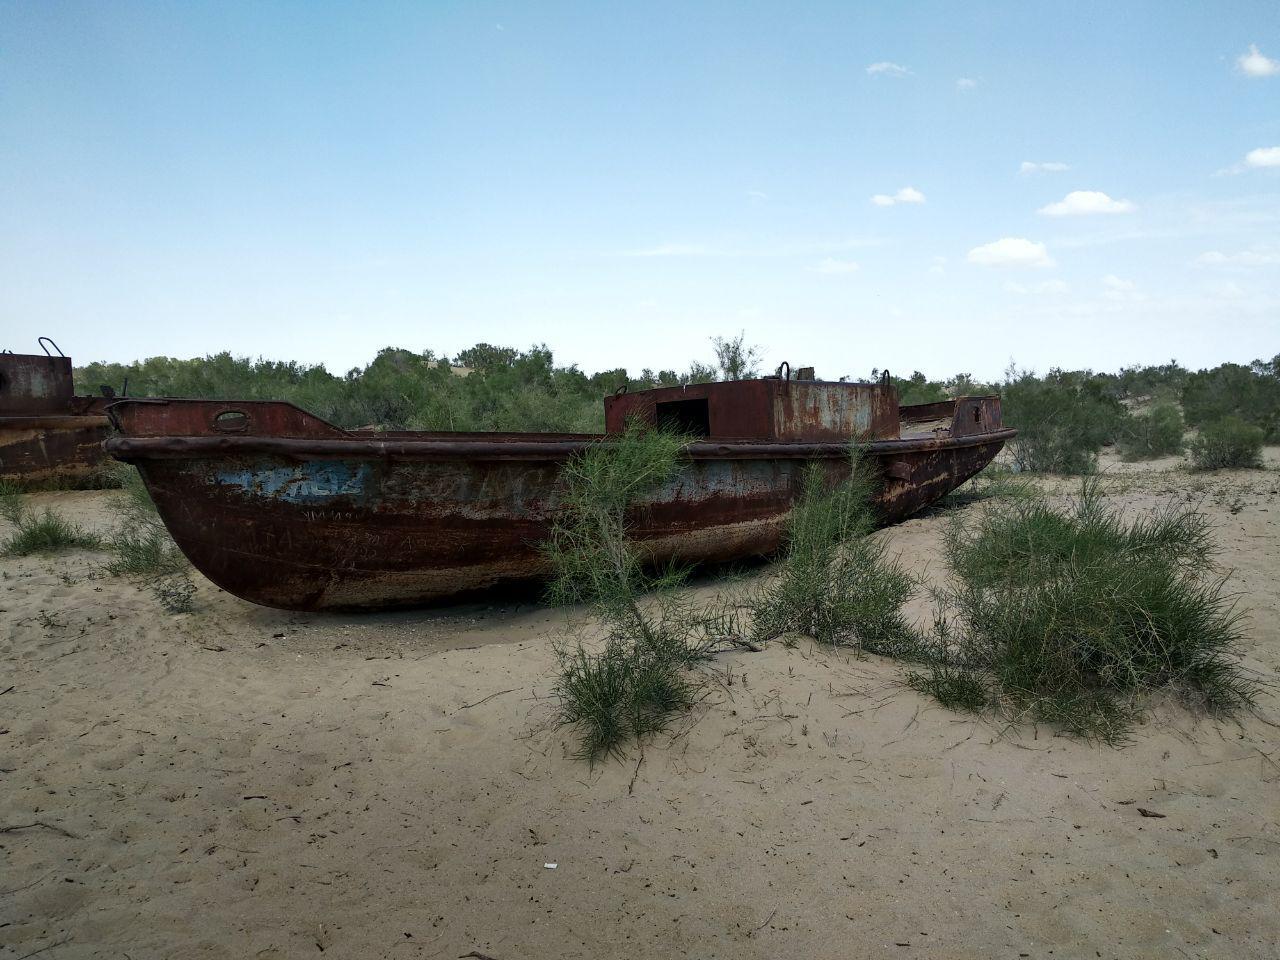 Аральское море: экологическое бедствие или повод отправиться в экстремальное путешествие?